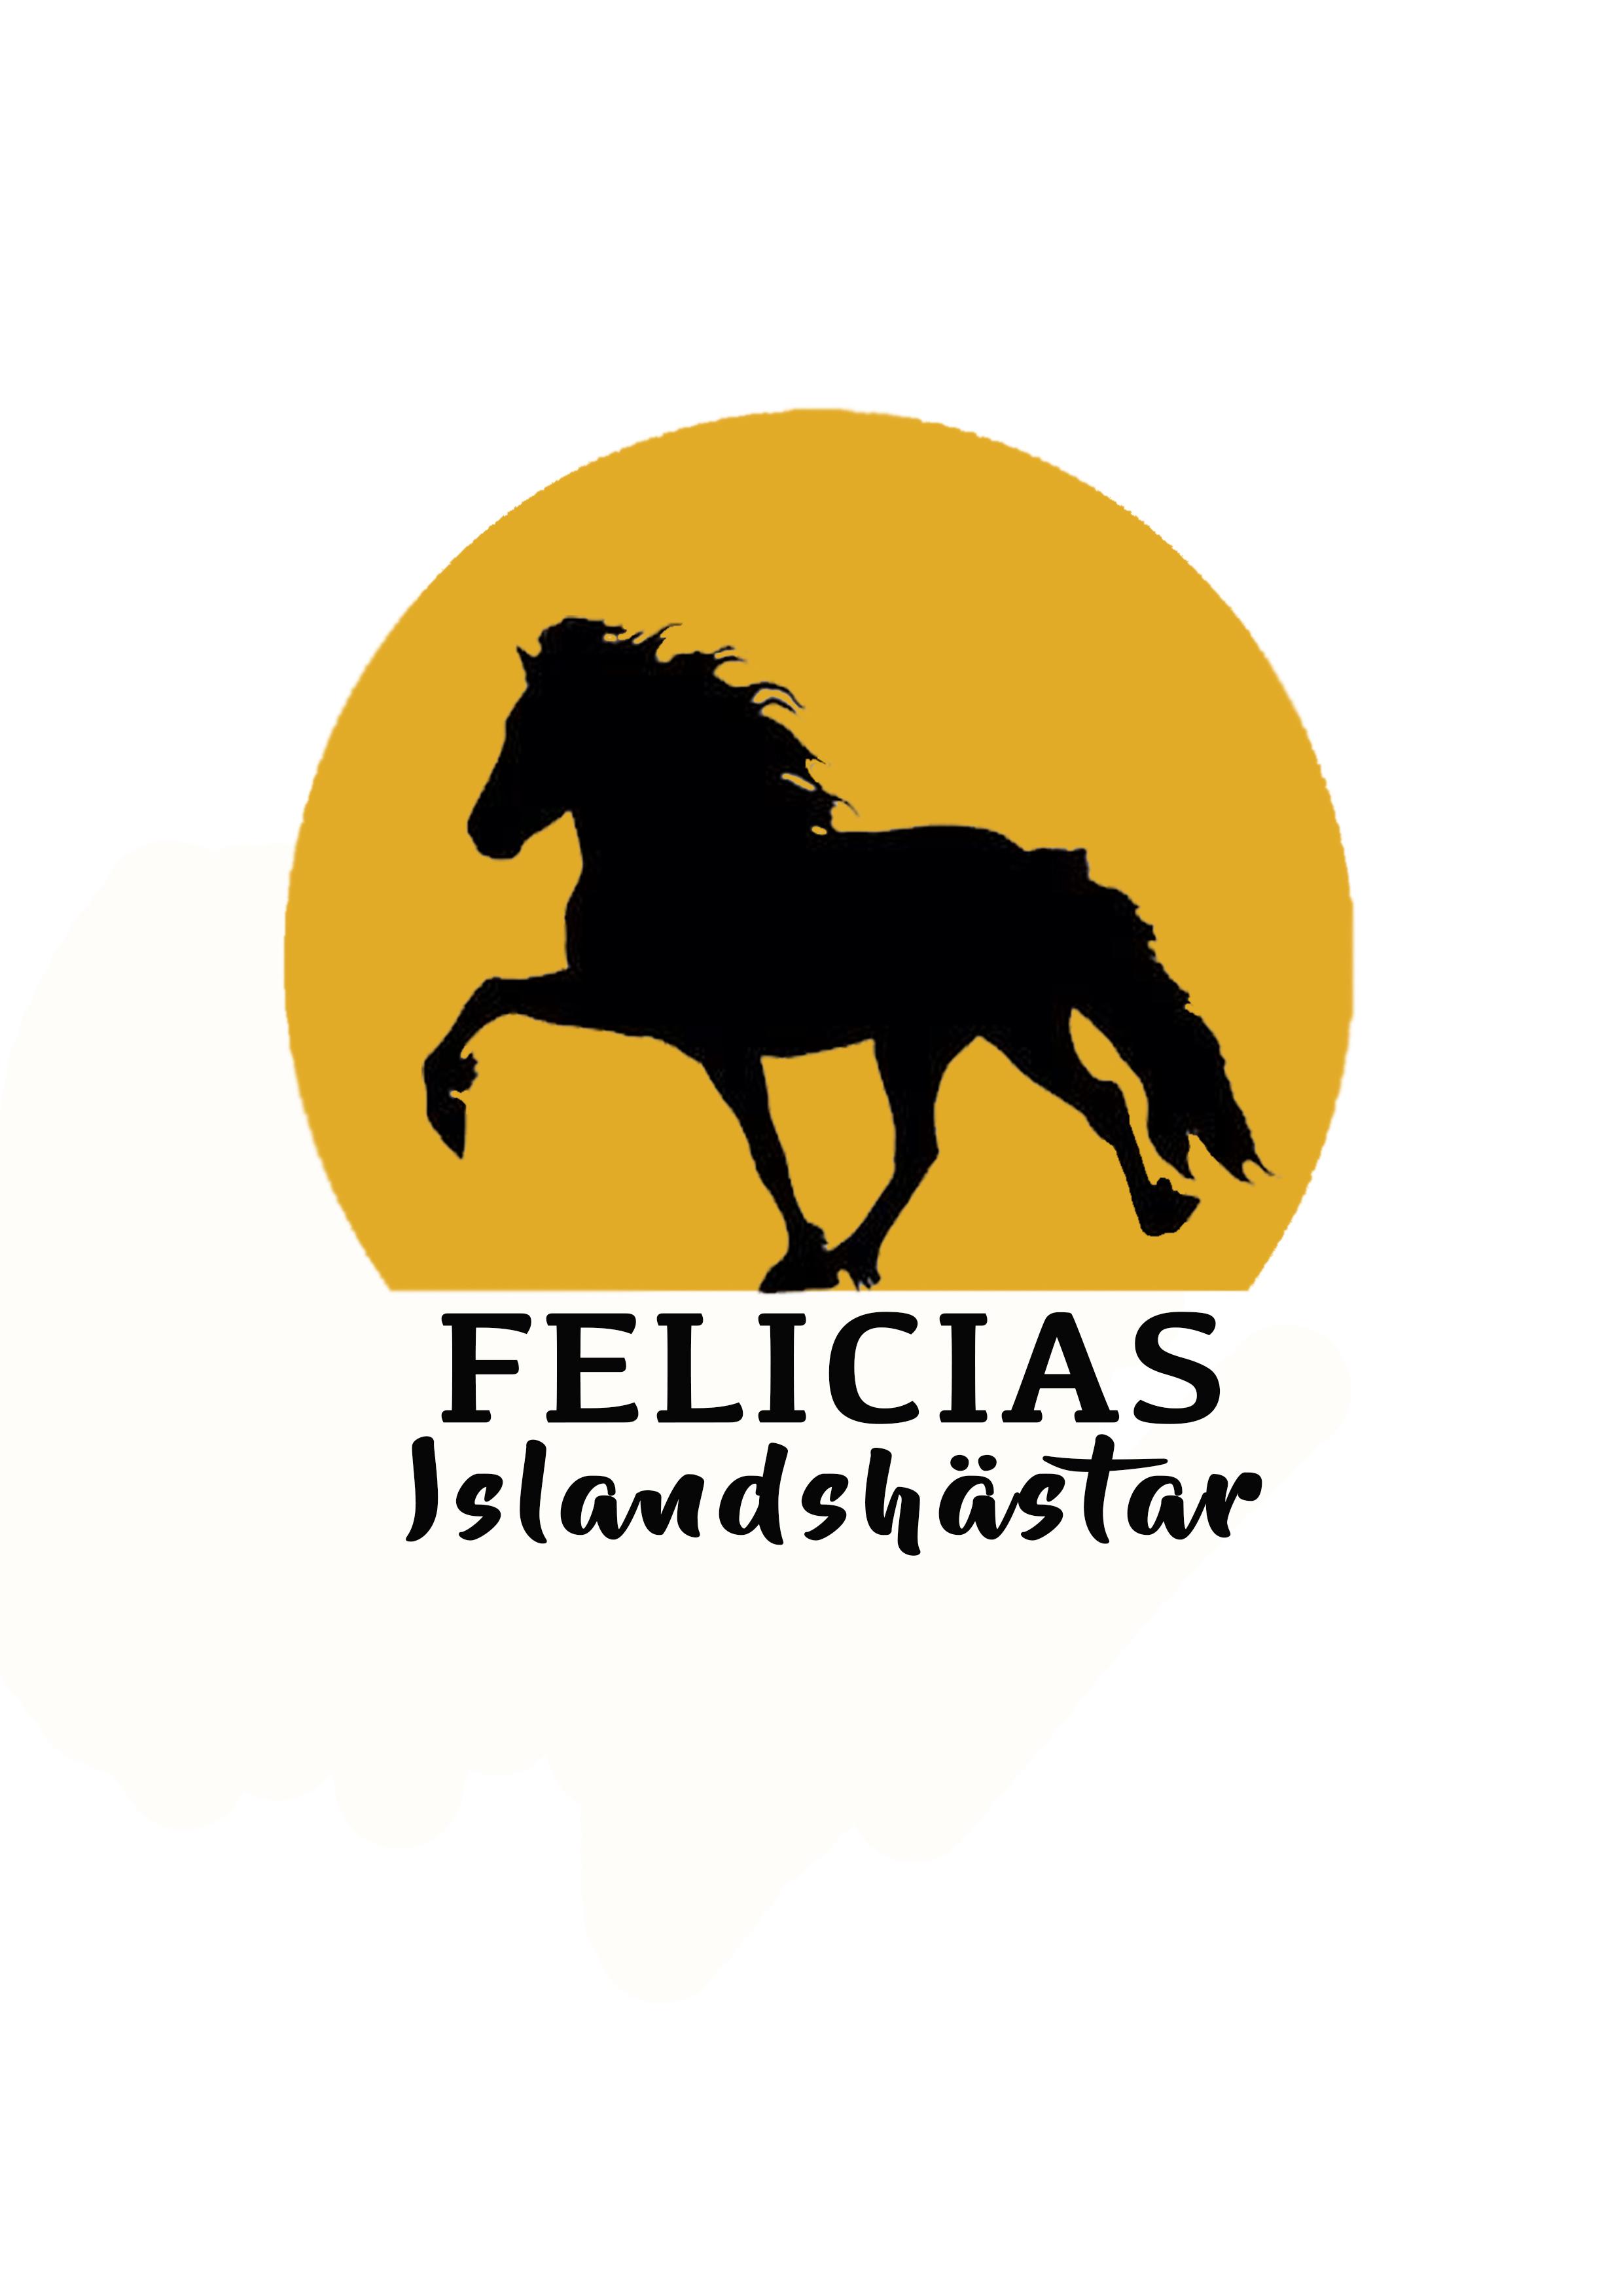 Felicias